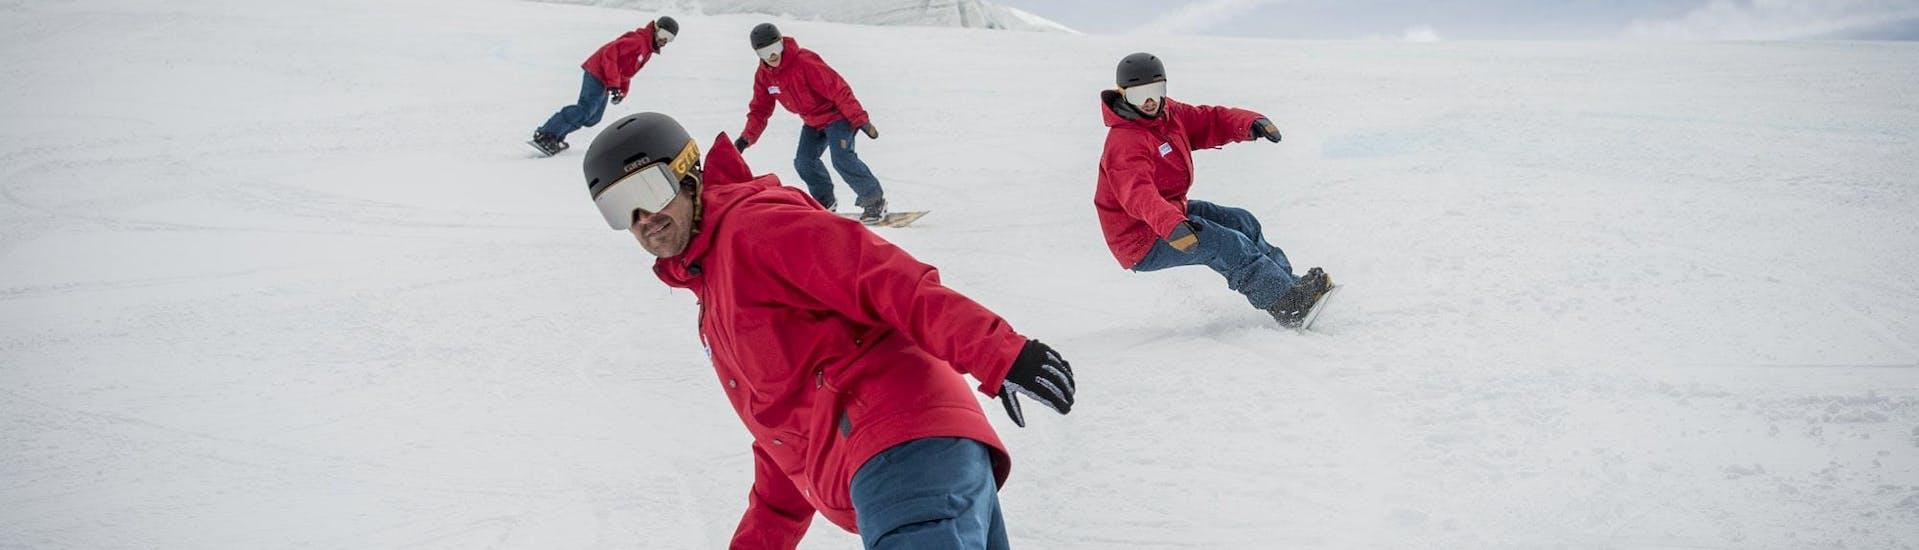 Curso de snowboard con experiencia